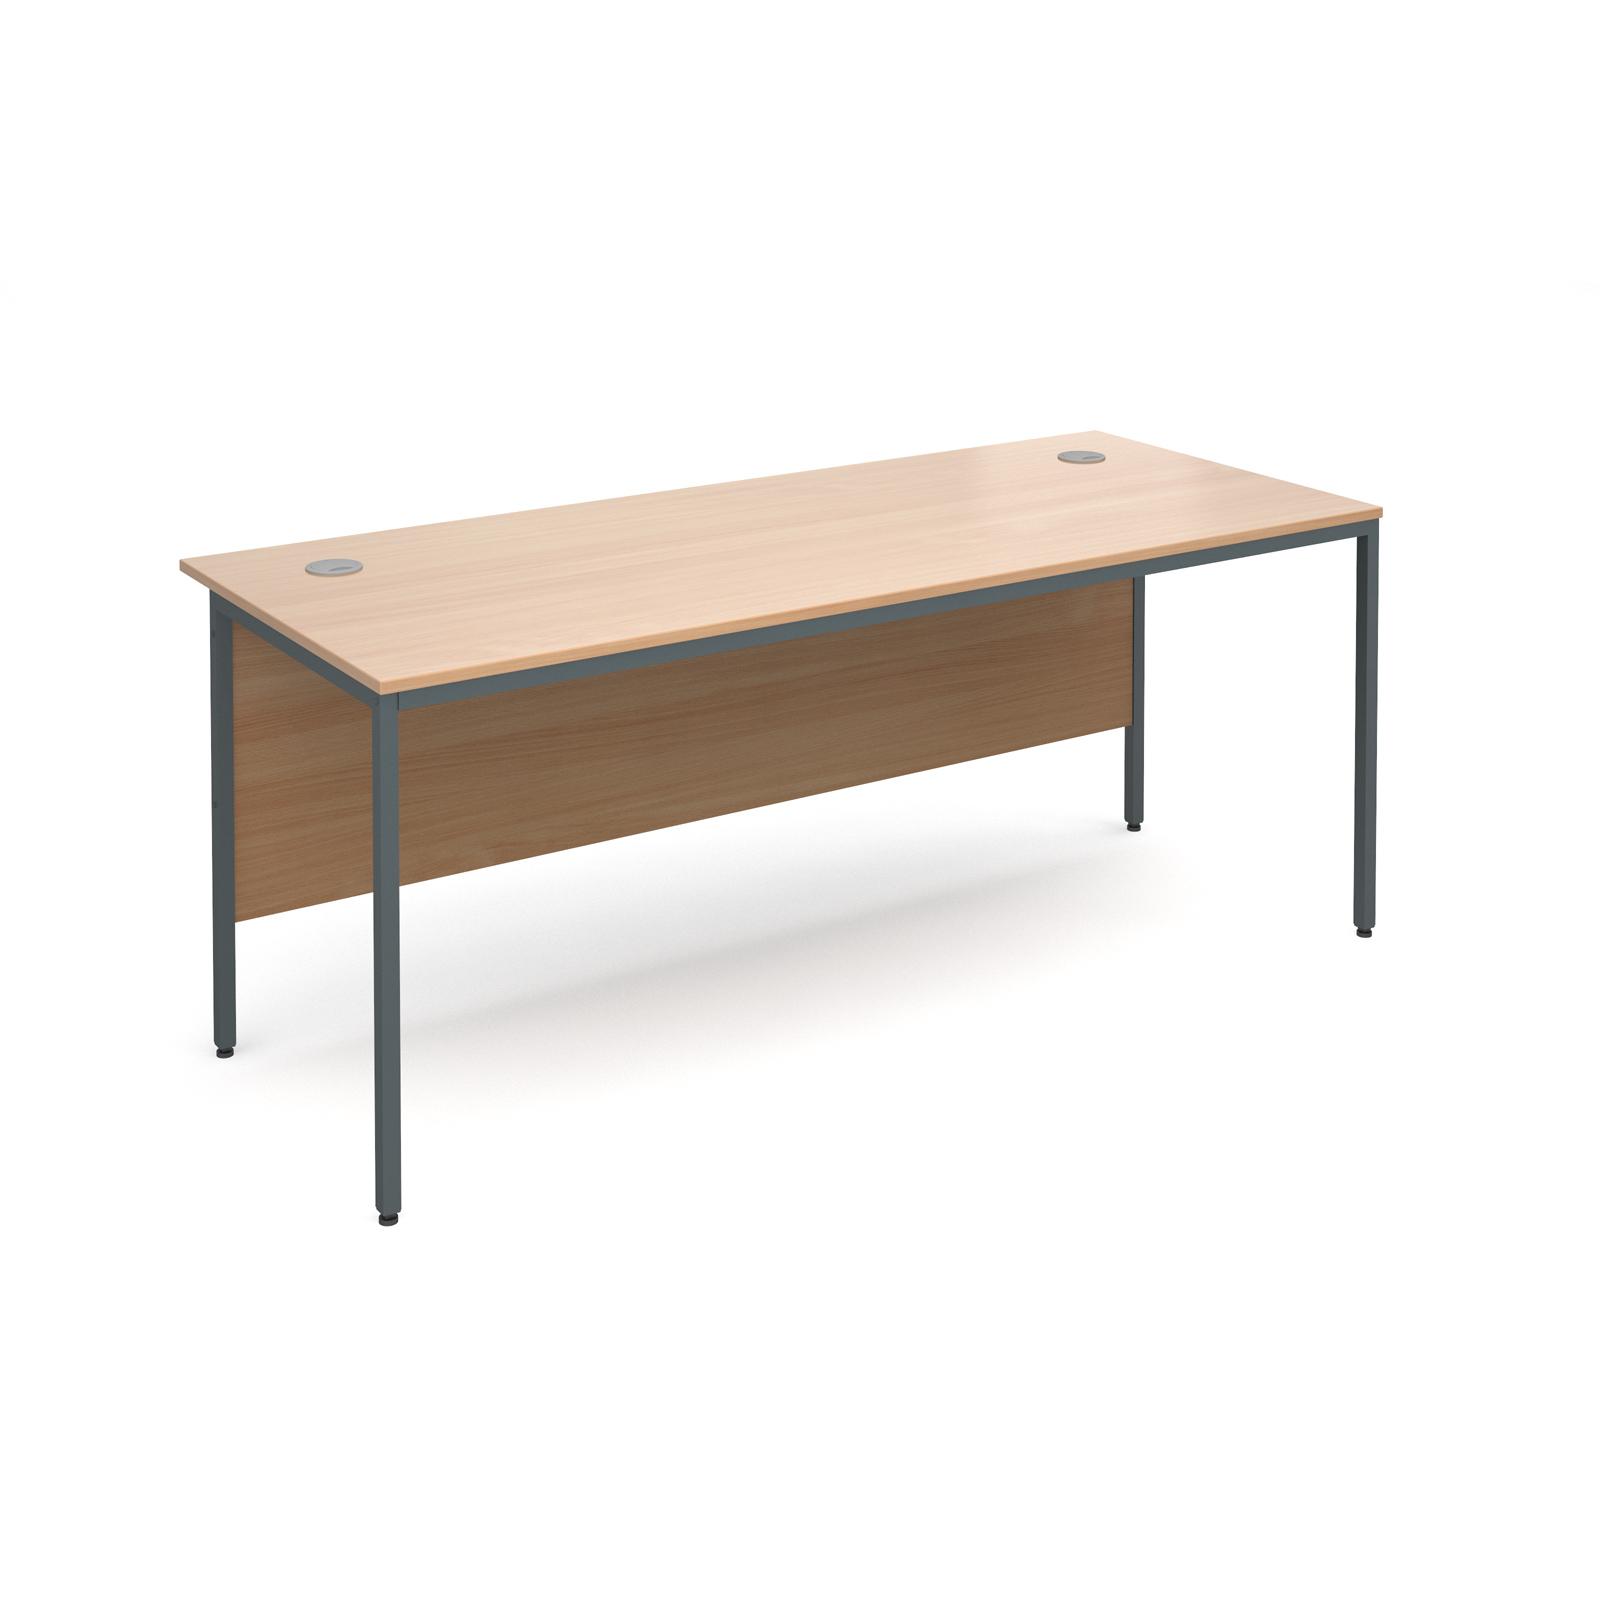 Maestro H frame straight desk 1786mm - beech